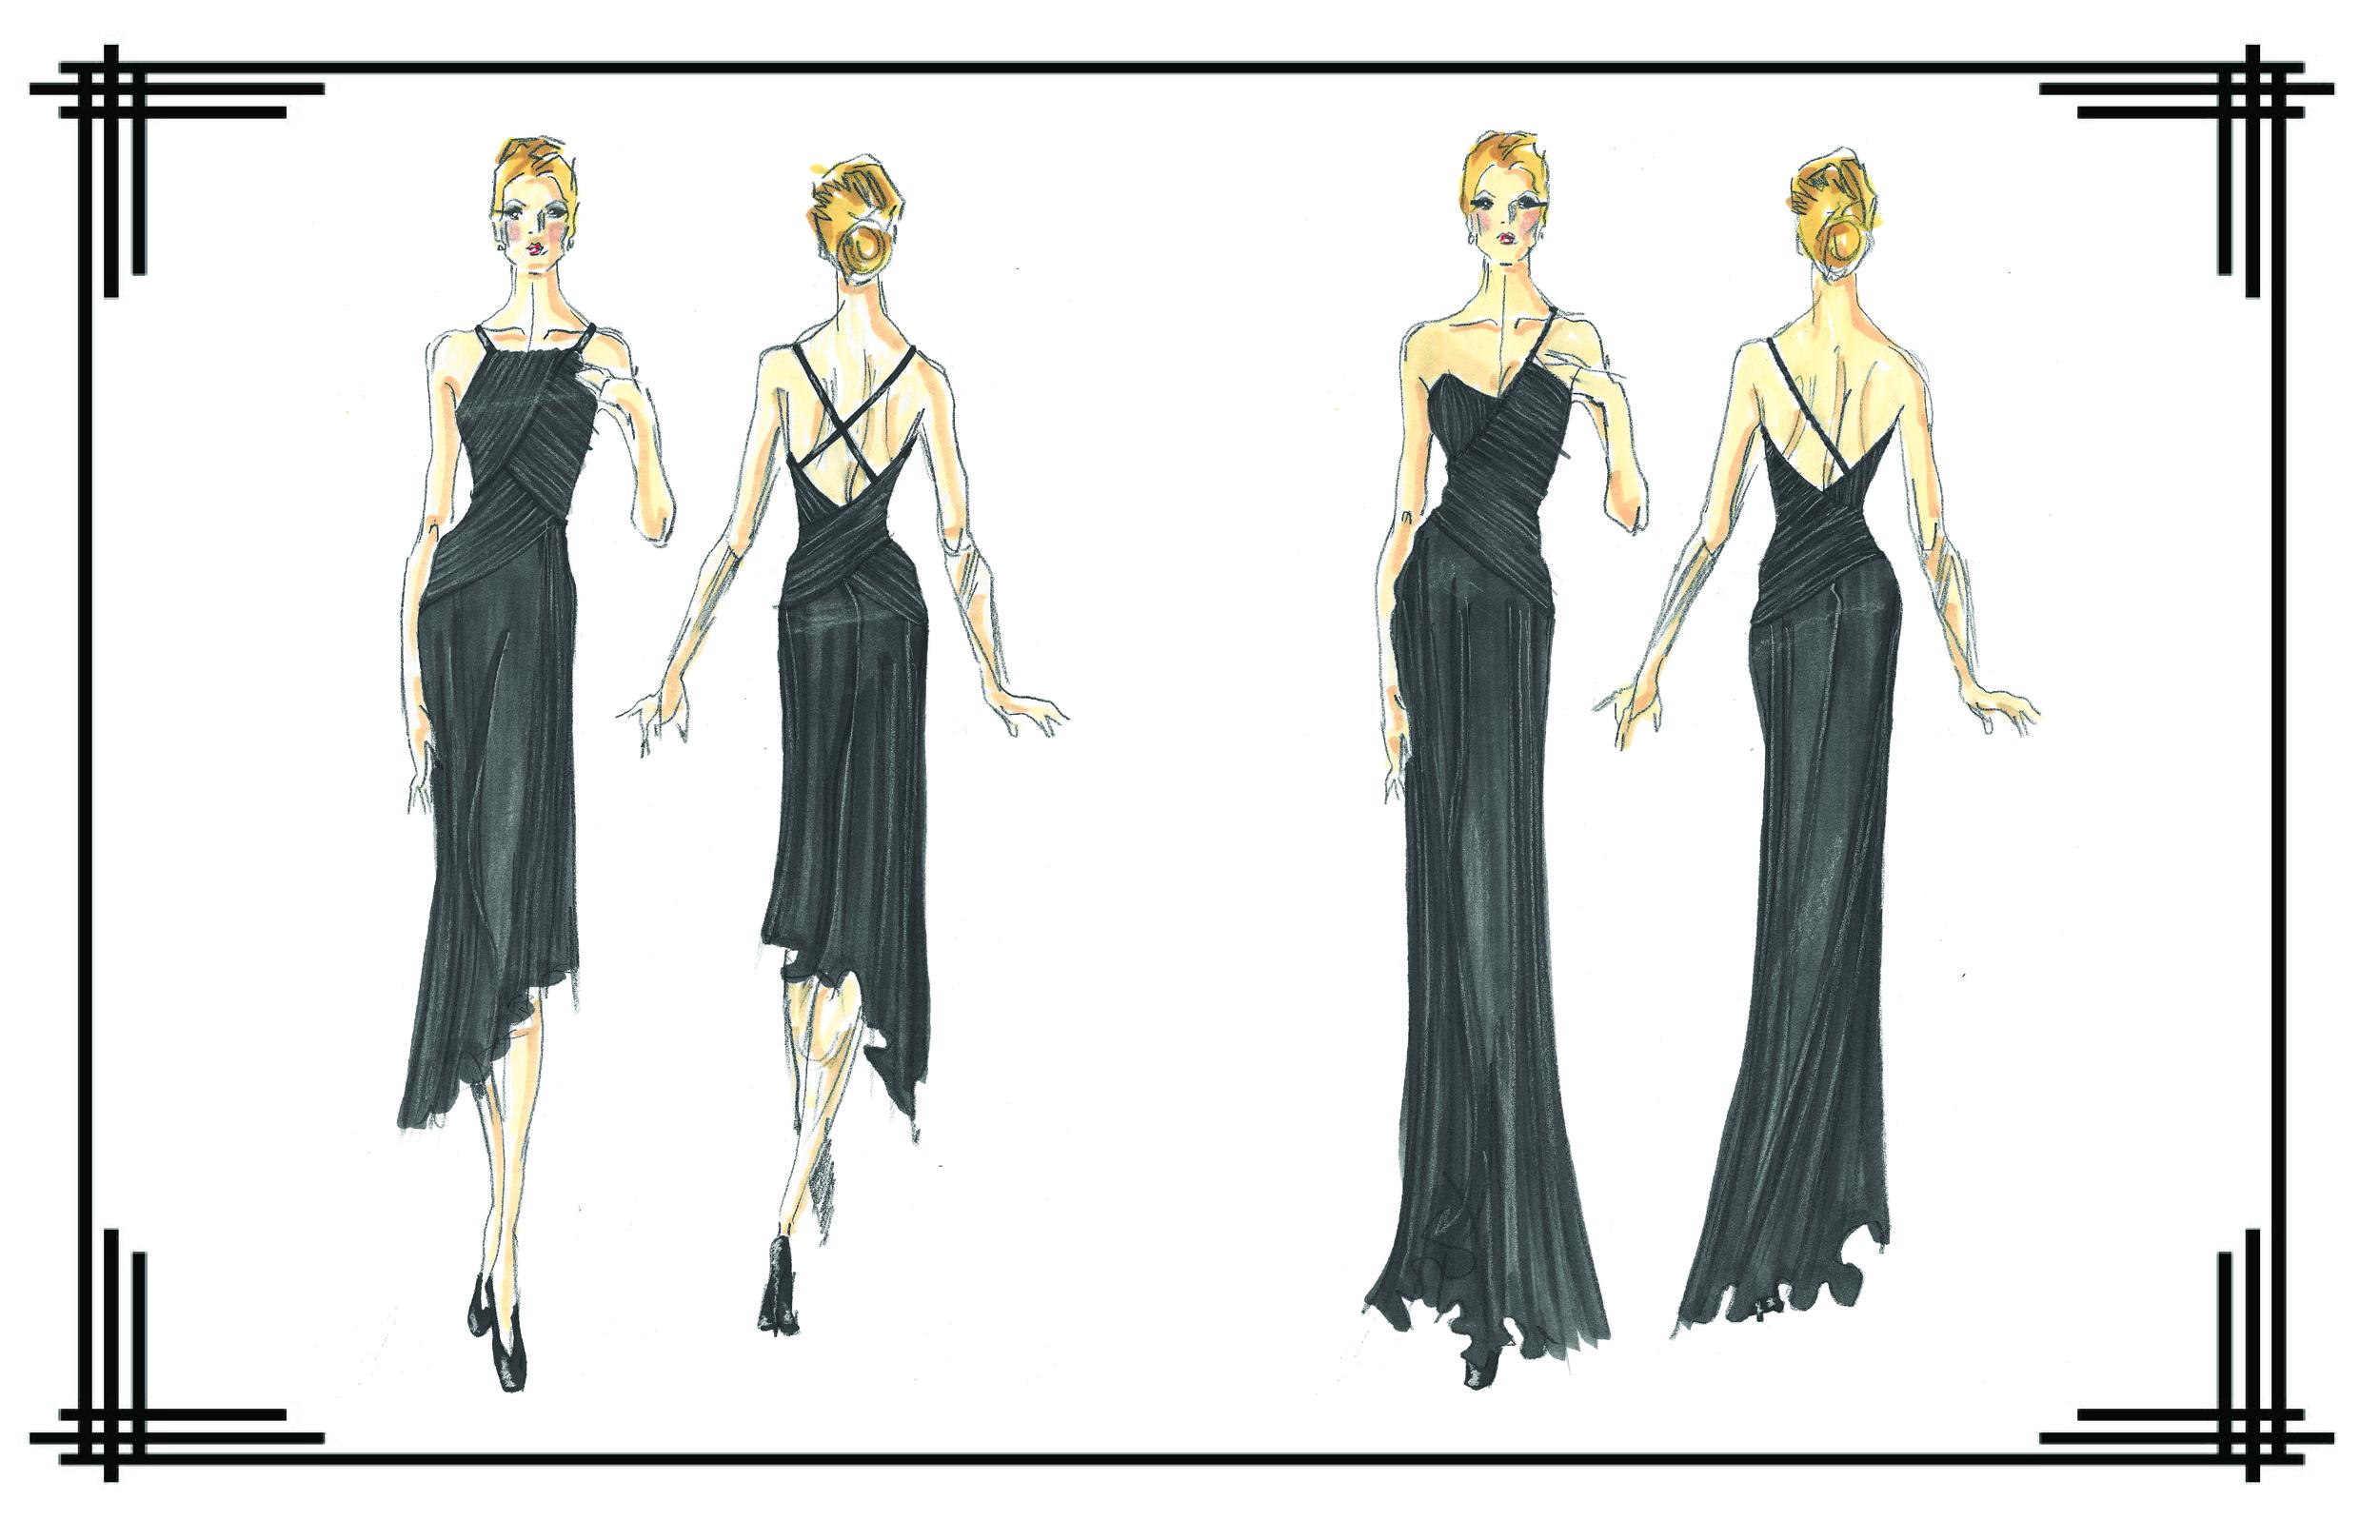 Designs 3 & 4